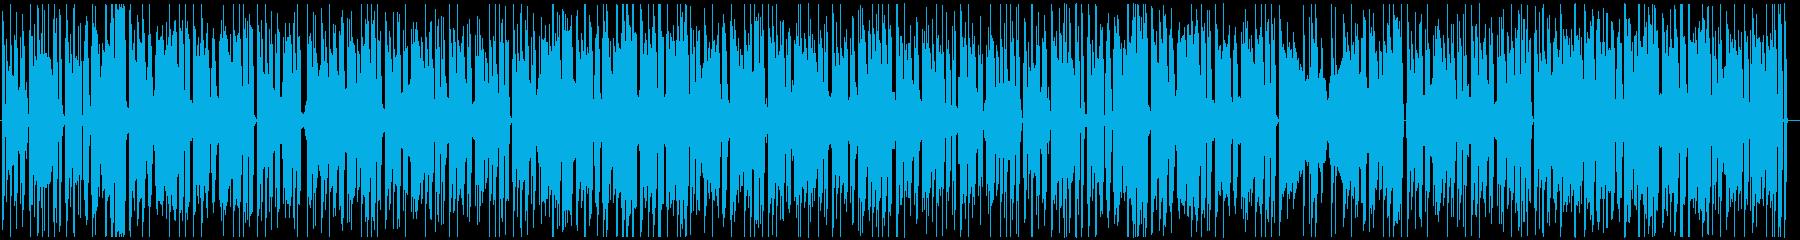 哀愁の Lo-Fi / Chillhopの再生済みの波形